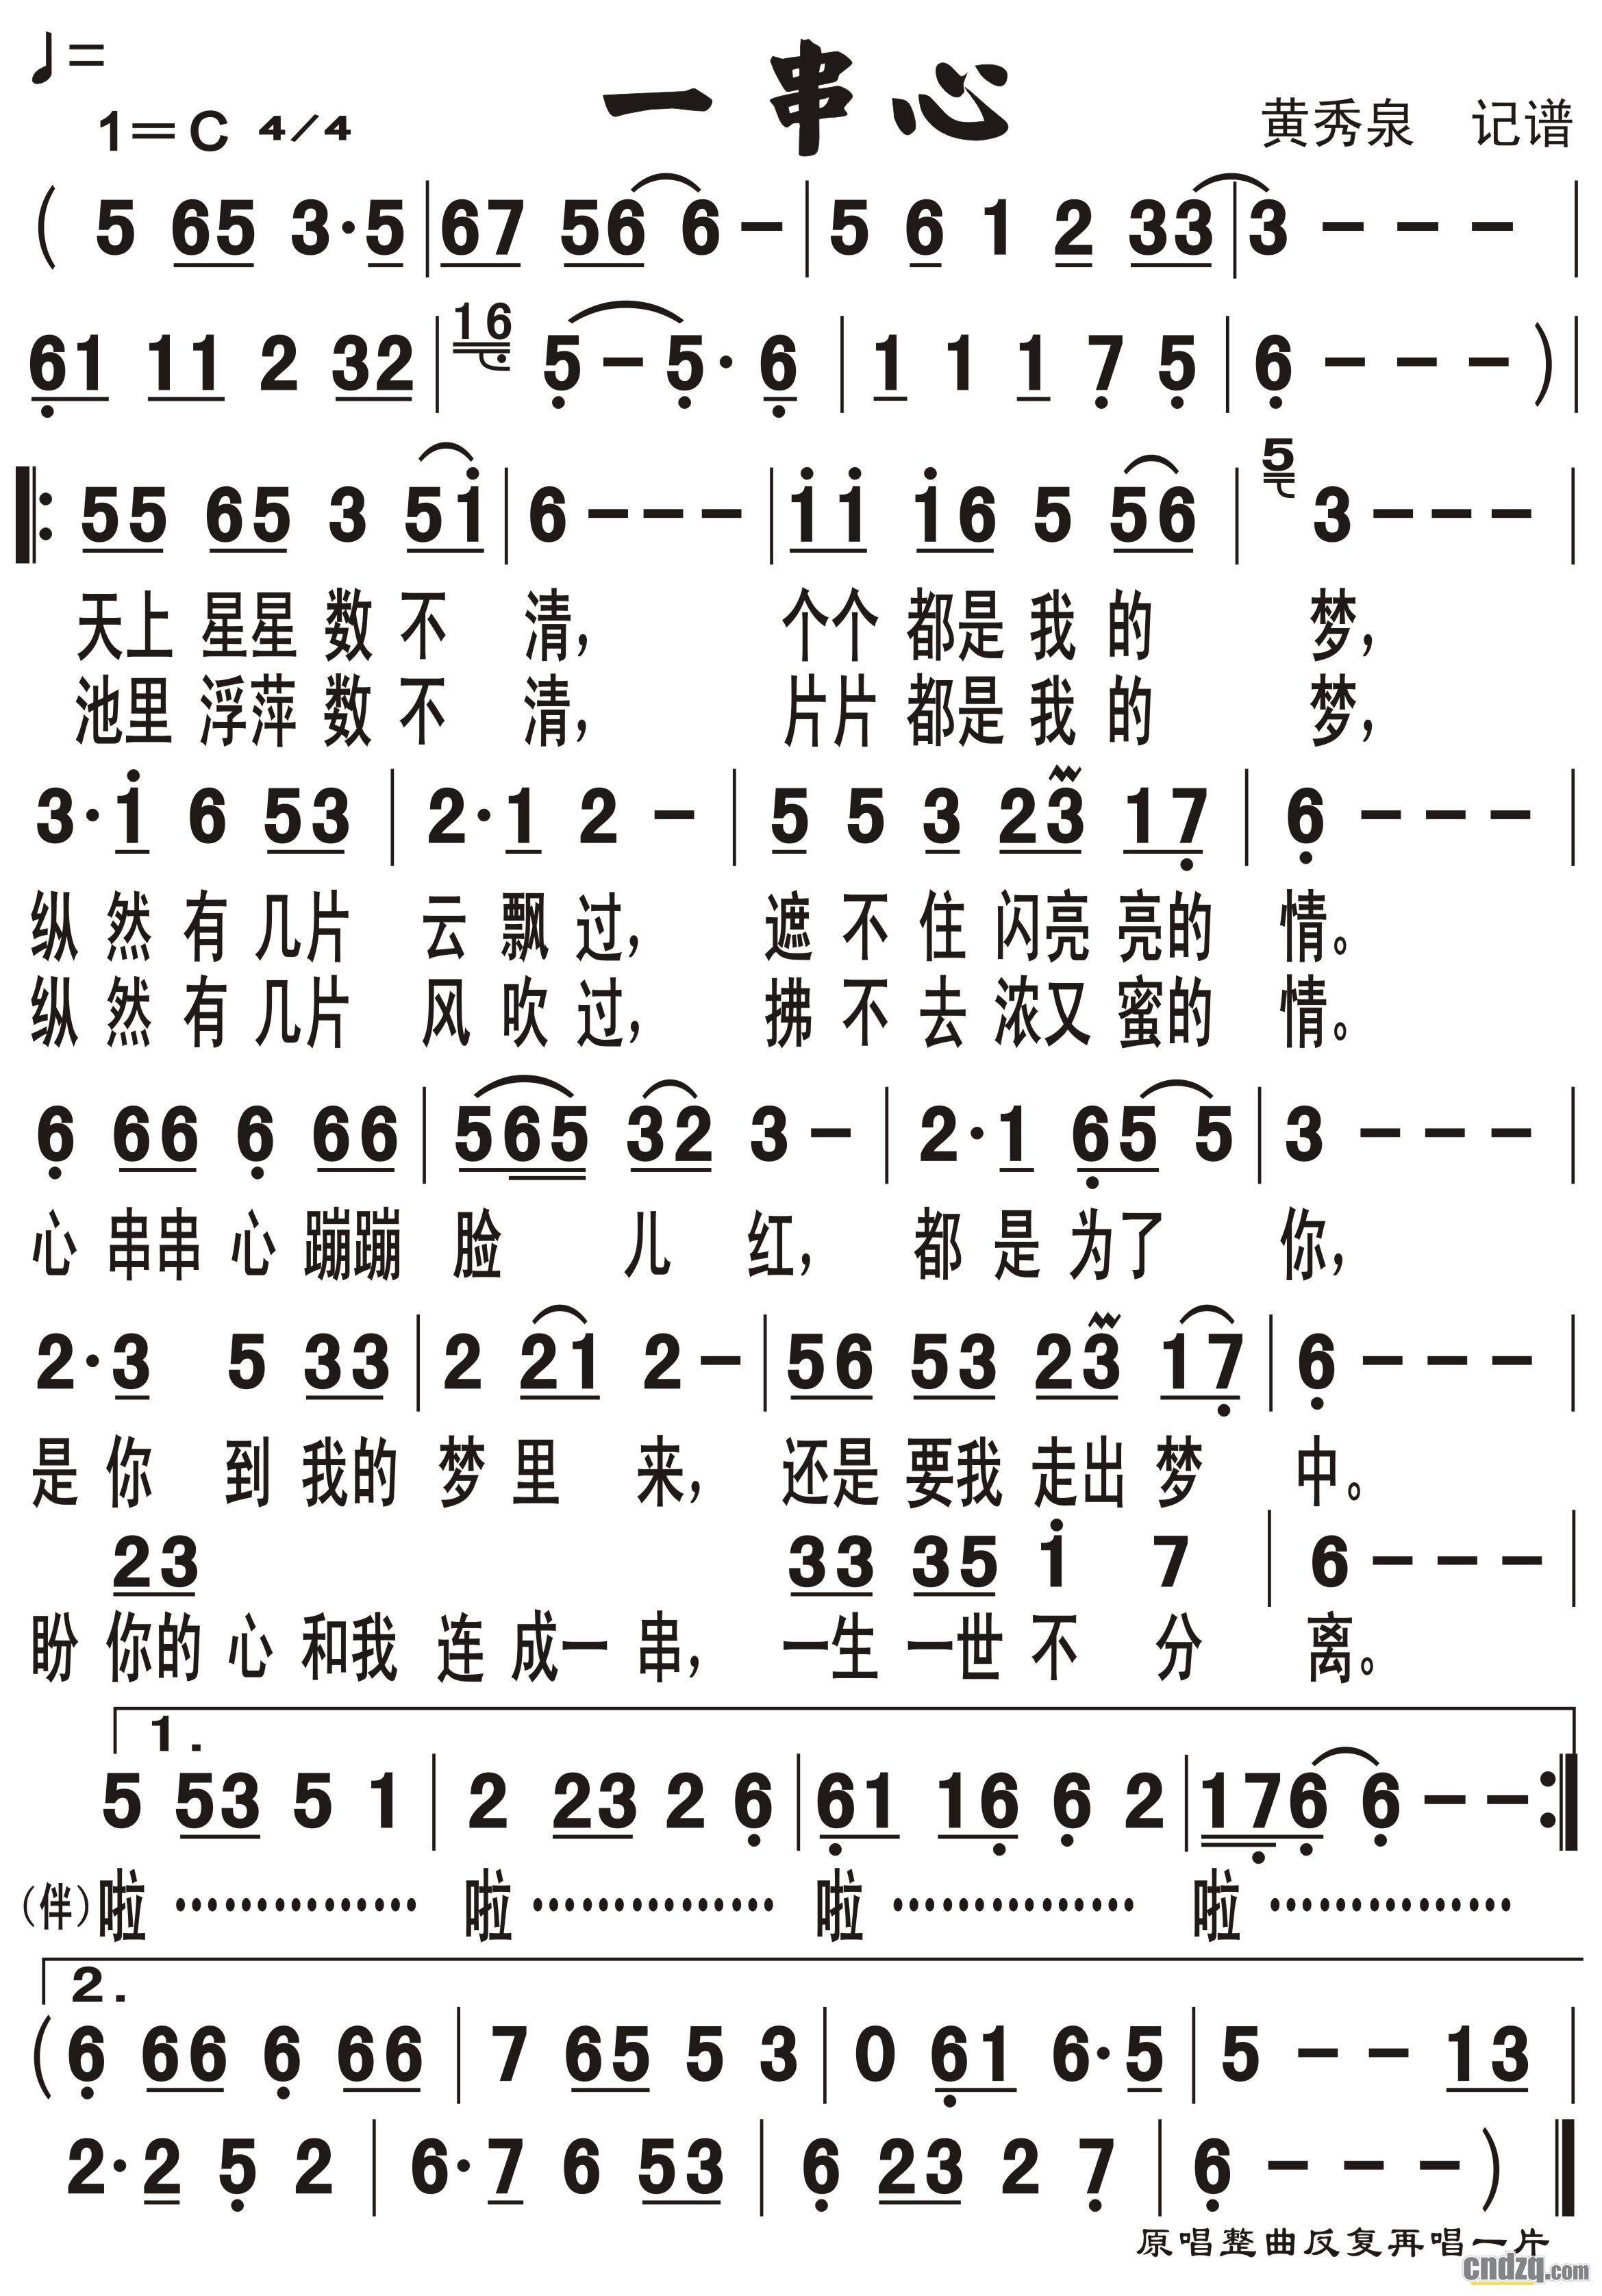 勇敢的心电子琴曲谱_天空之城电子琴曲谱